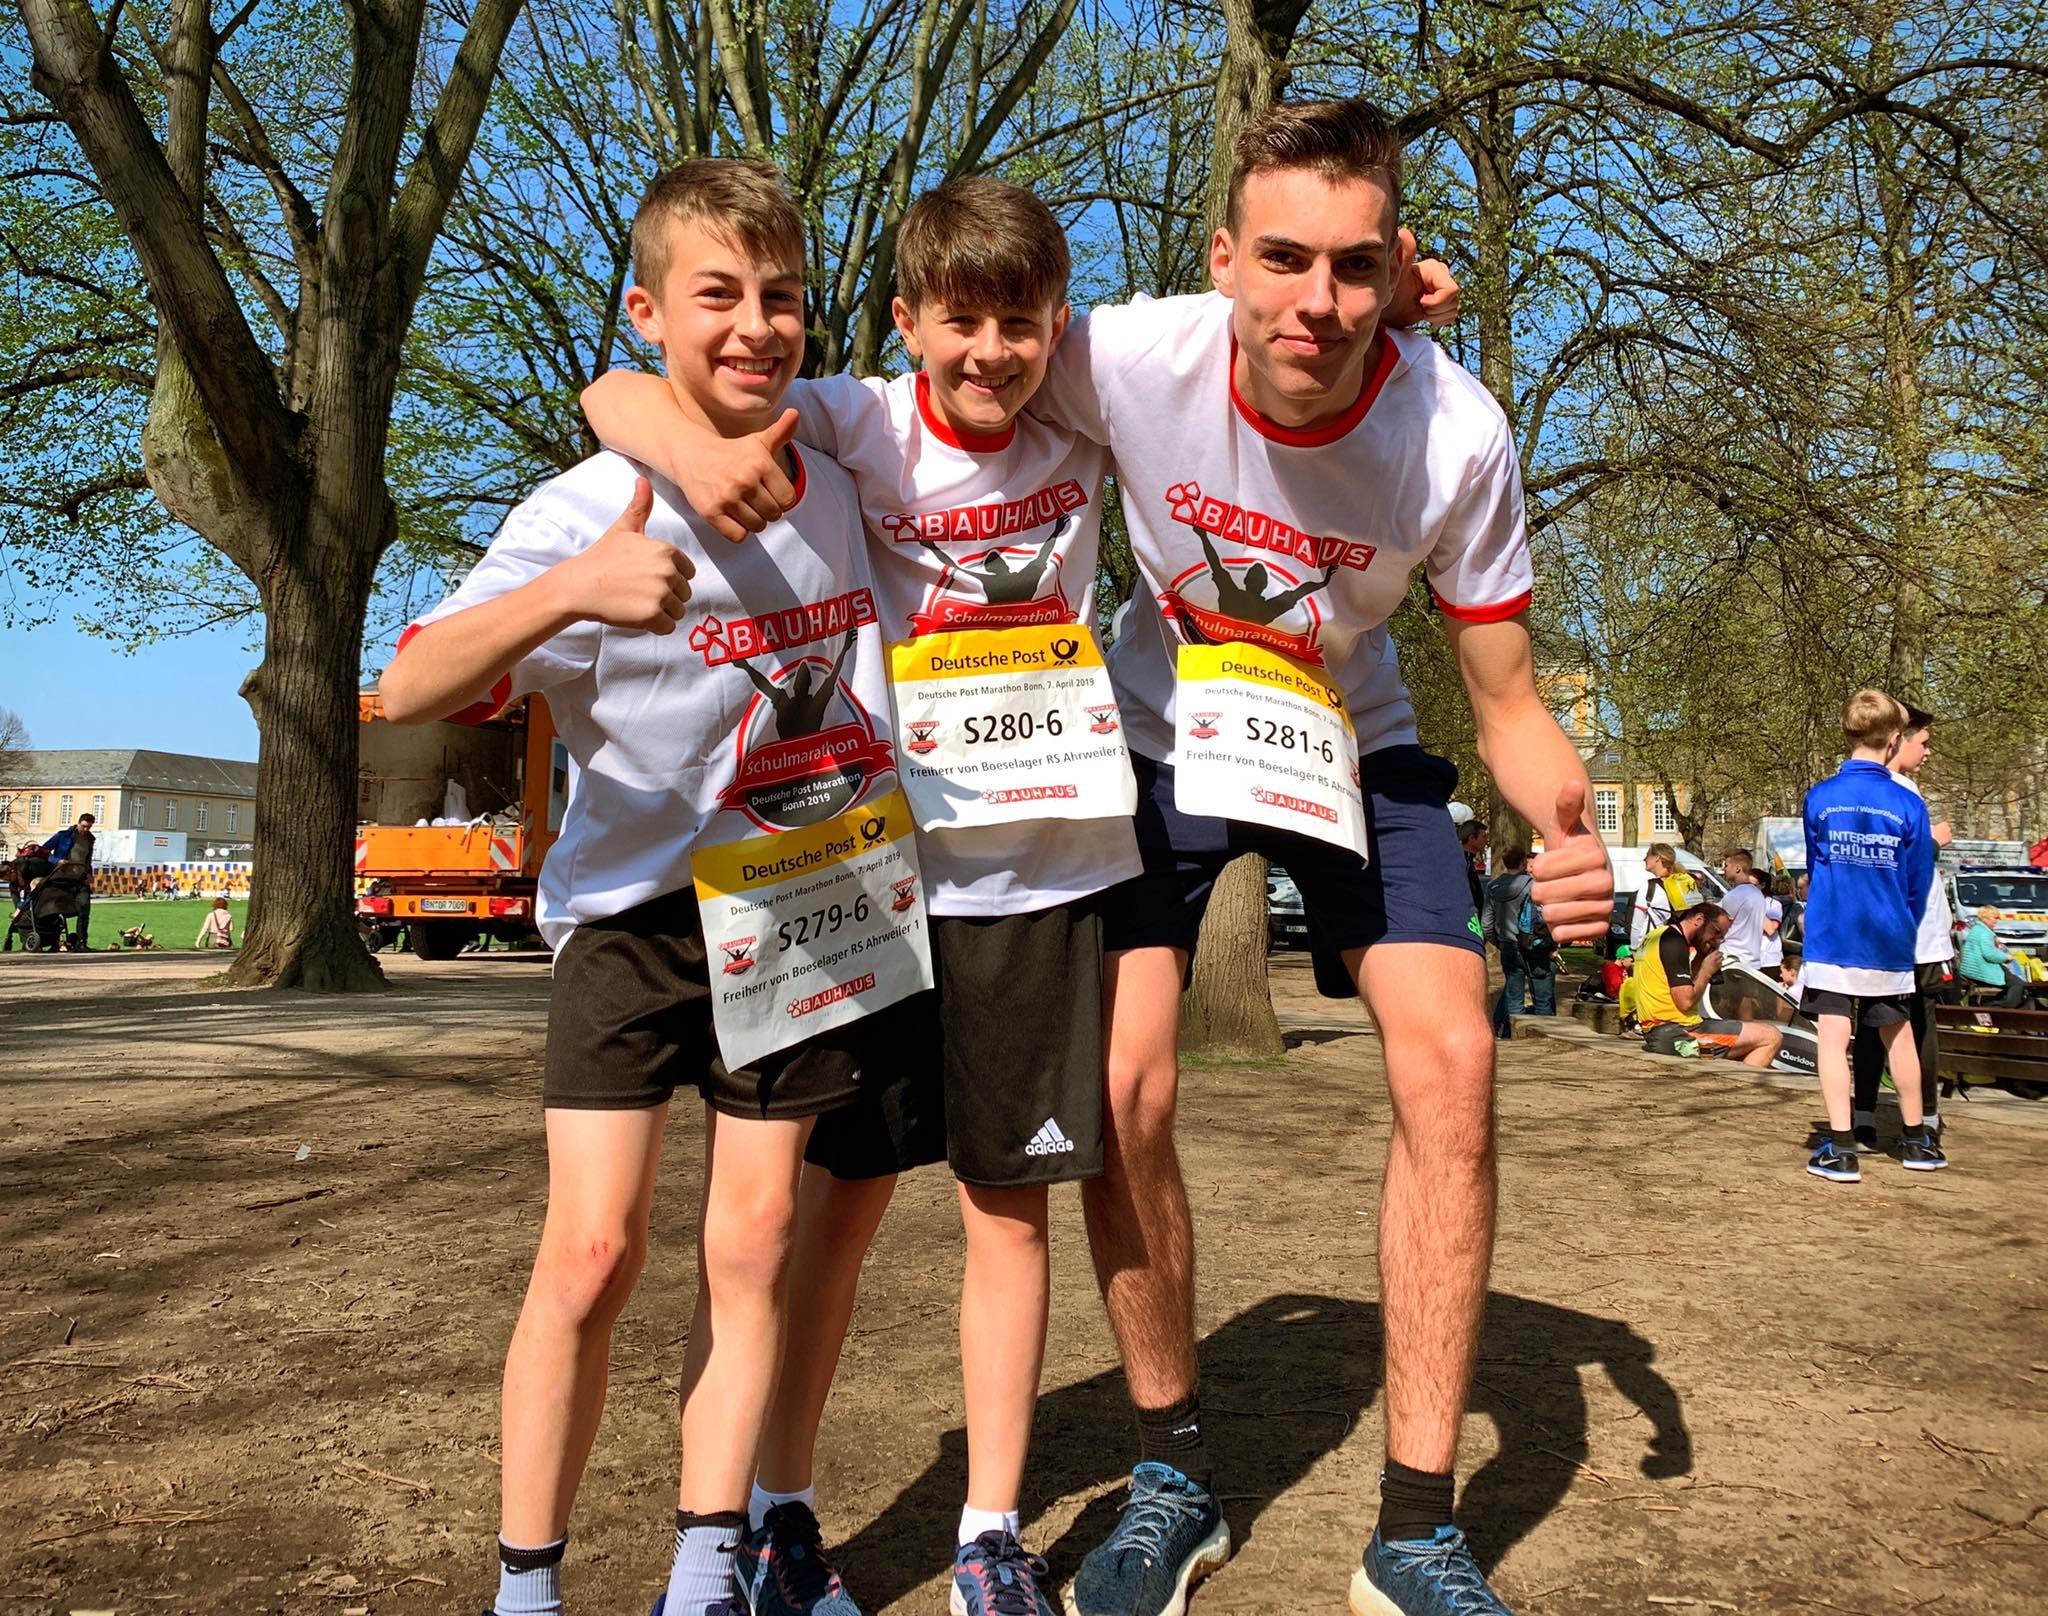 Und dann waren auch unsere Schlussläufer Aaron, Max und Lars sind im Ziel... Herzlichen Glückwunsch!!!